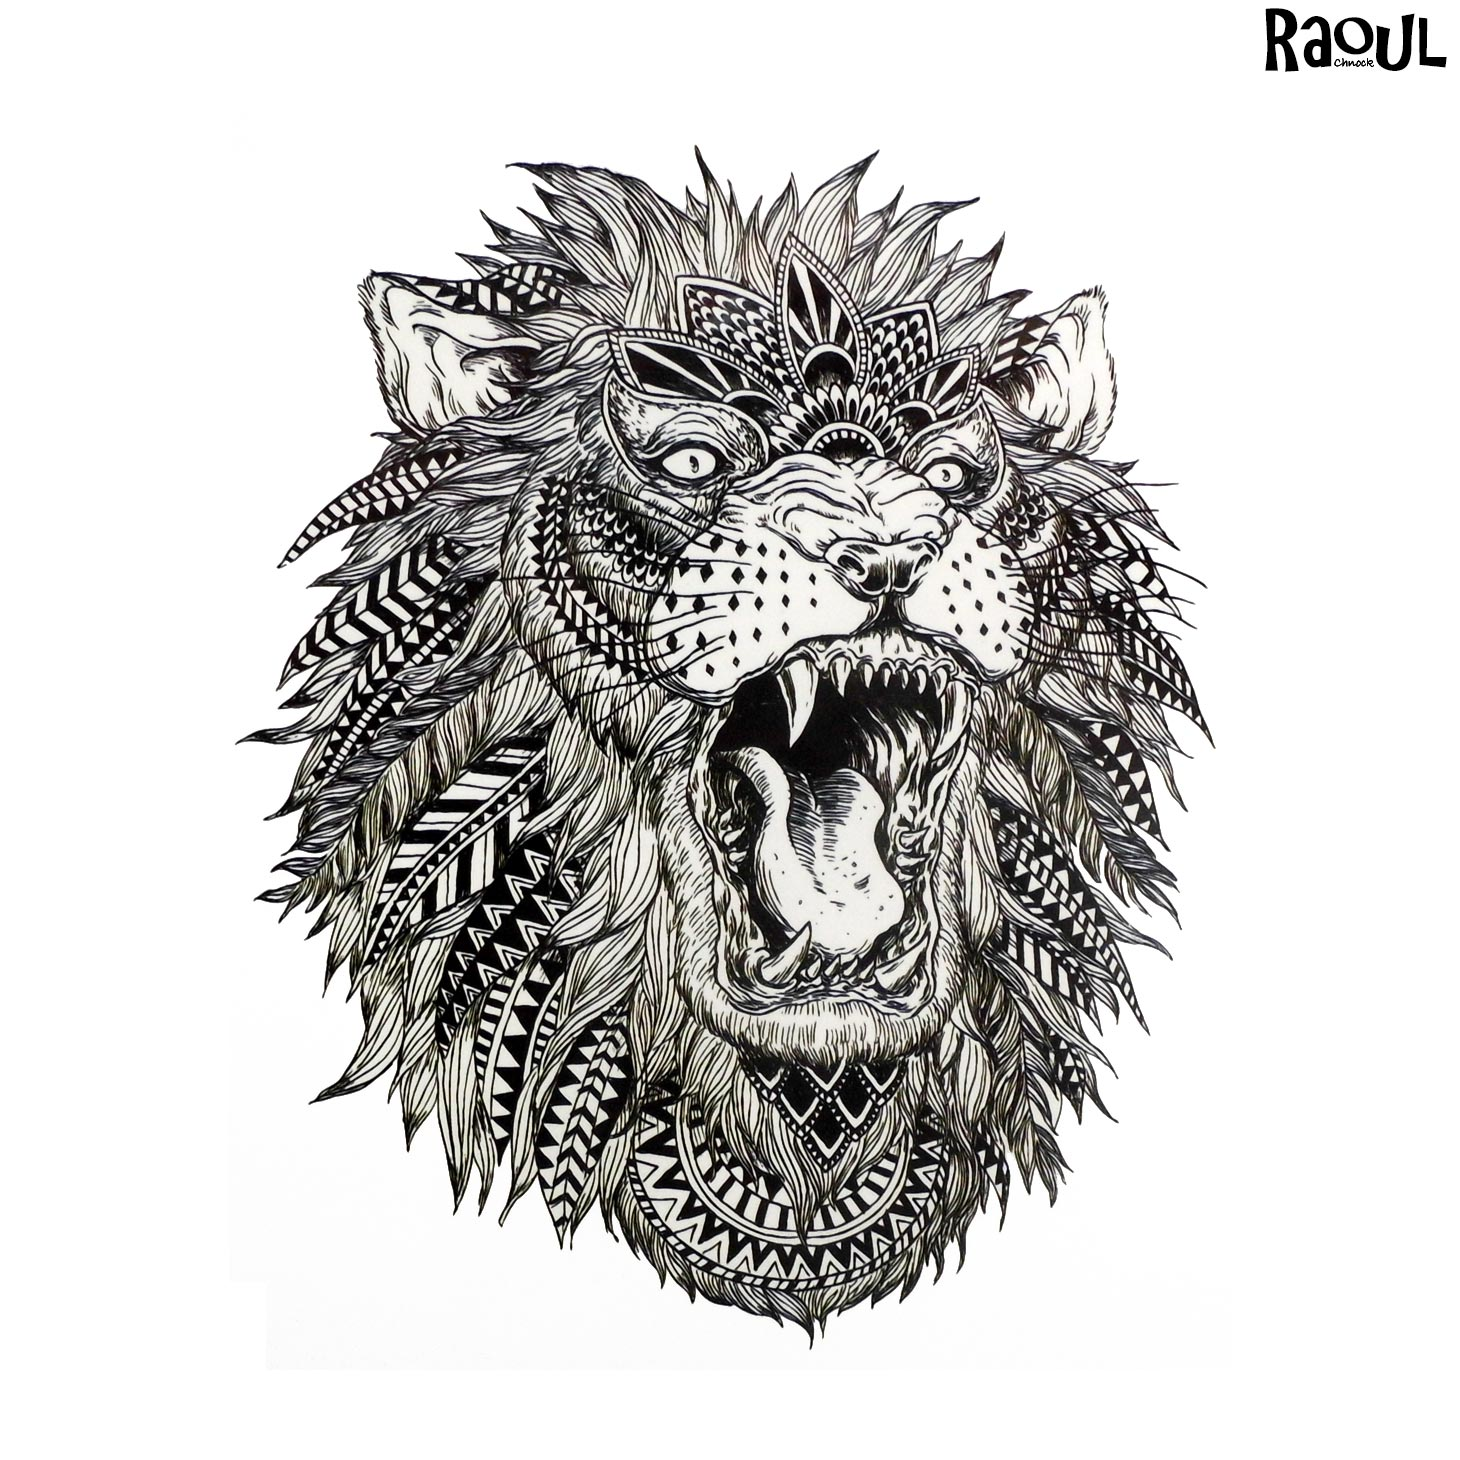 Tatouage Ephemere D Un Lion Rugissant Avec Plume Raoul Chnock